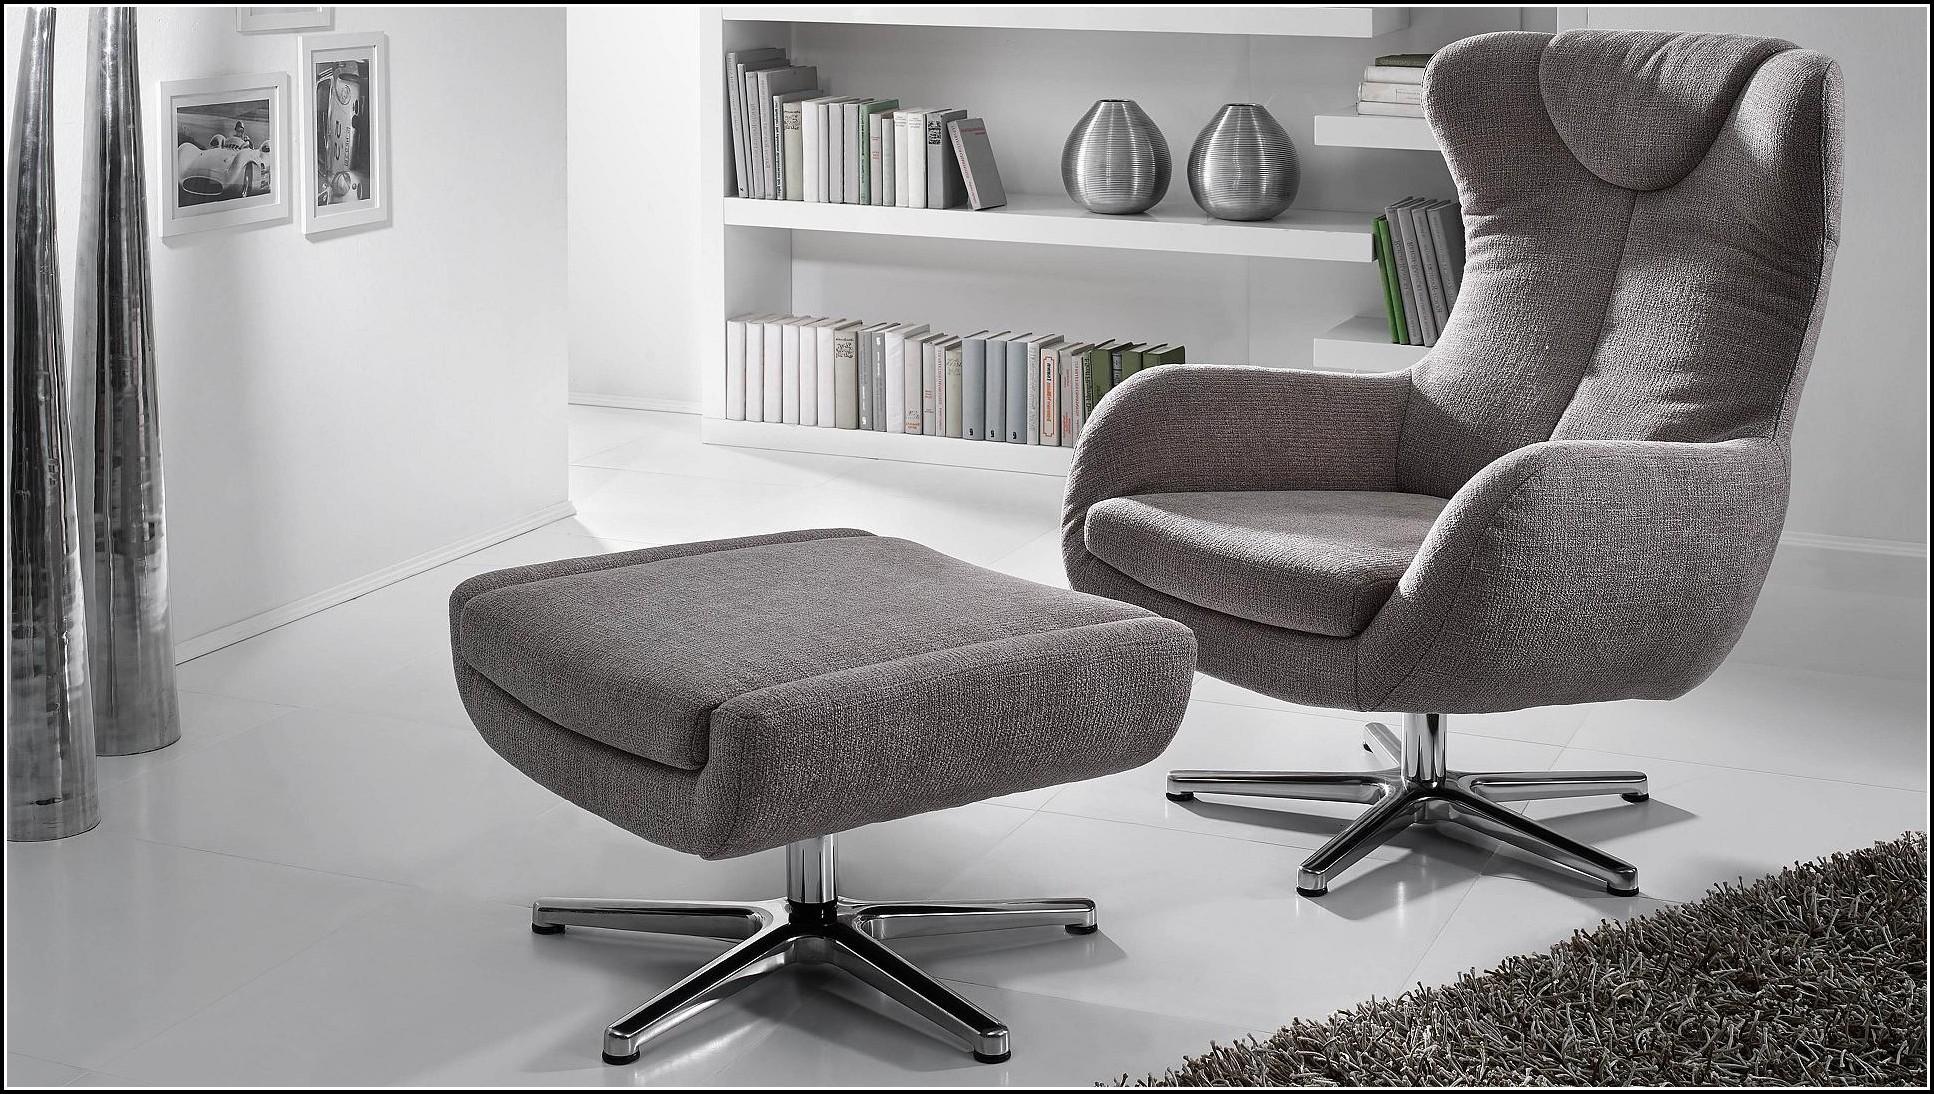 ewald schillig sessel nugget sessel house und dekor galerie xg12lgxkmz. Black Bedroom Furniture Sets. Home Design Ideas